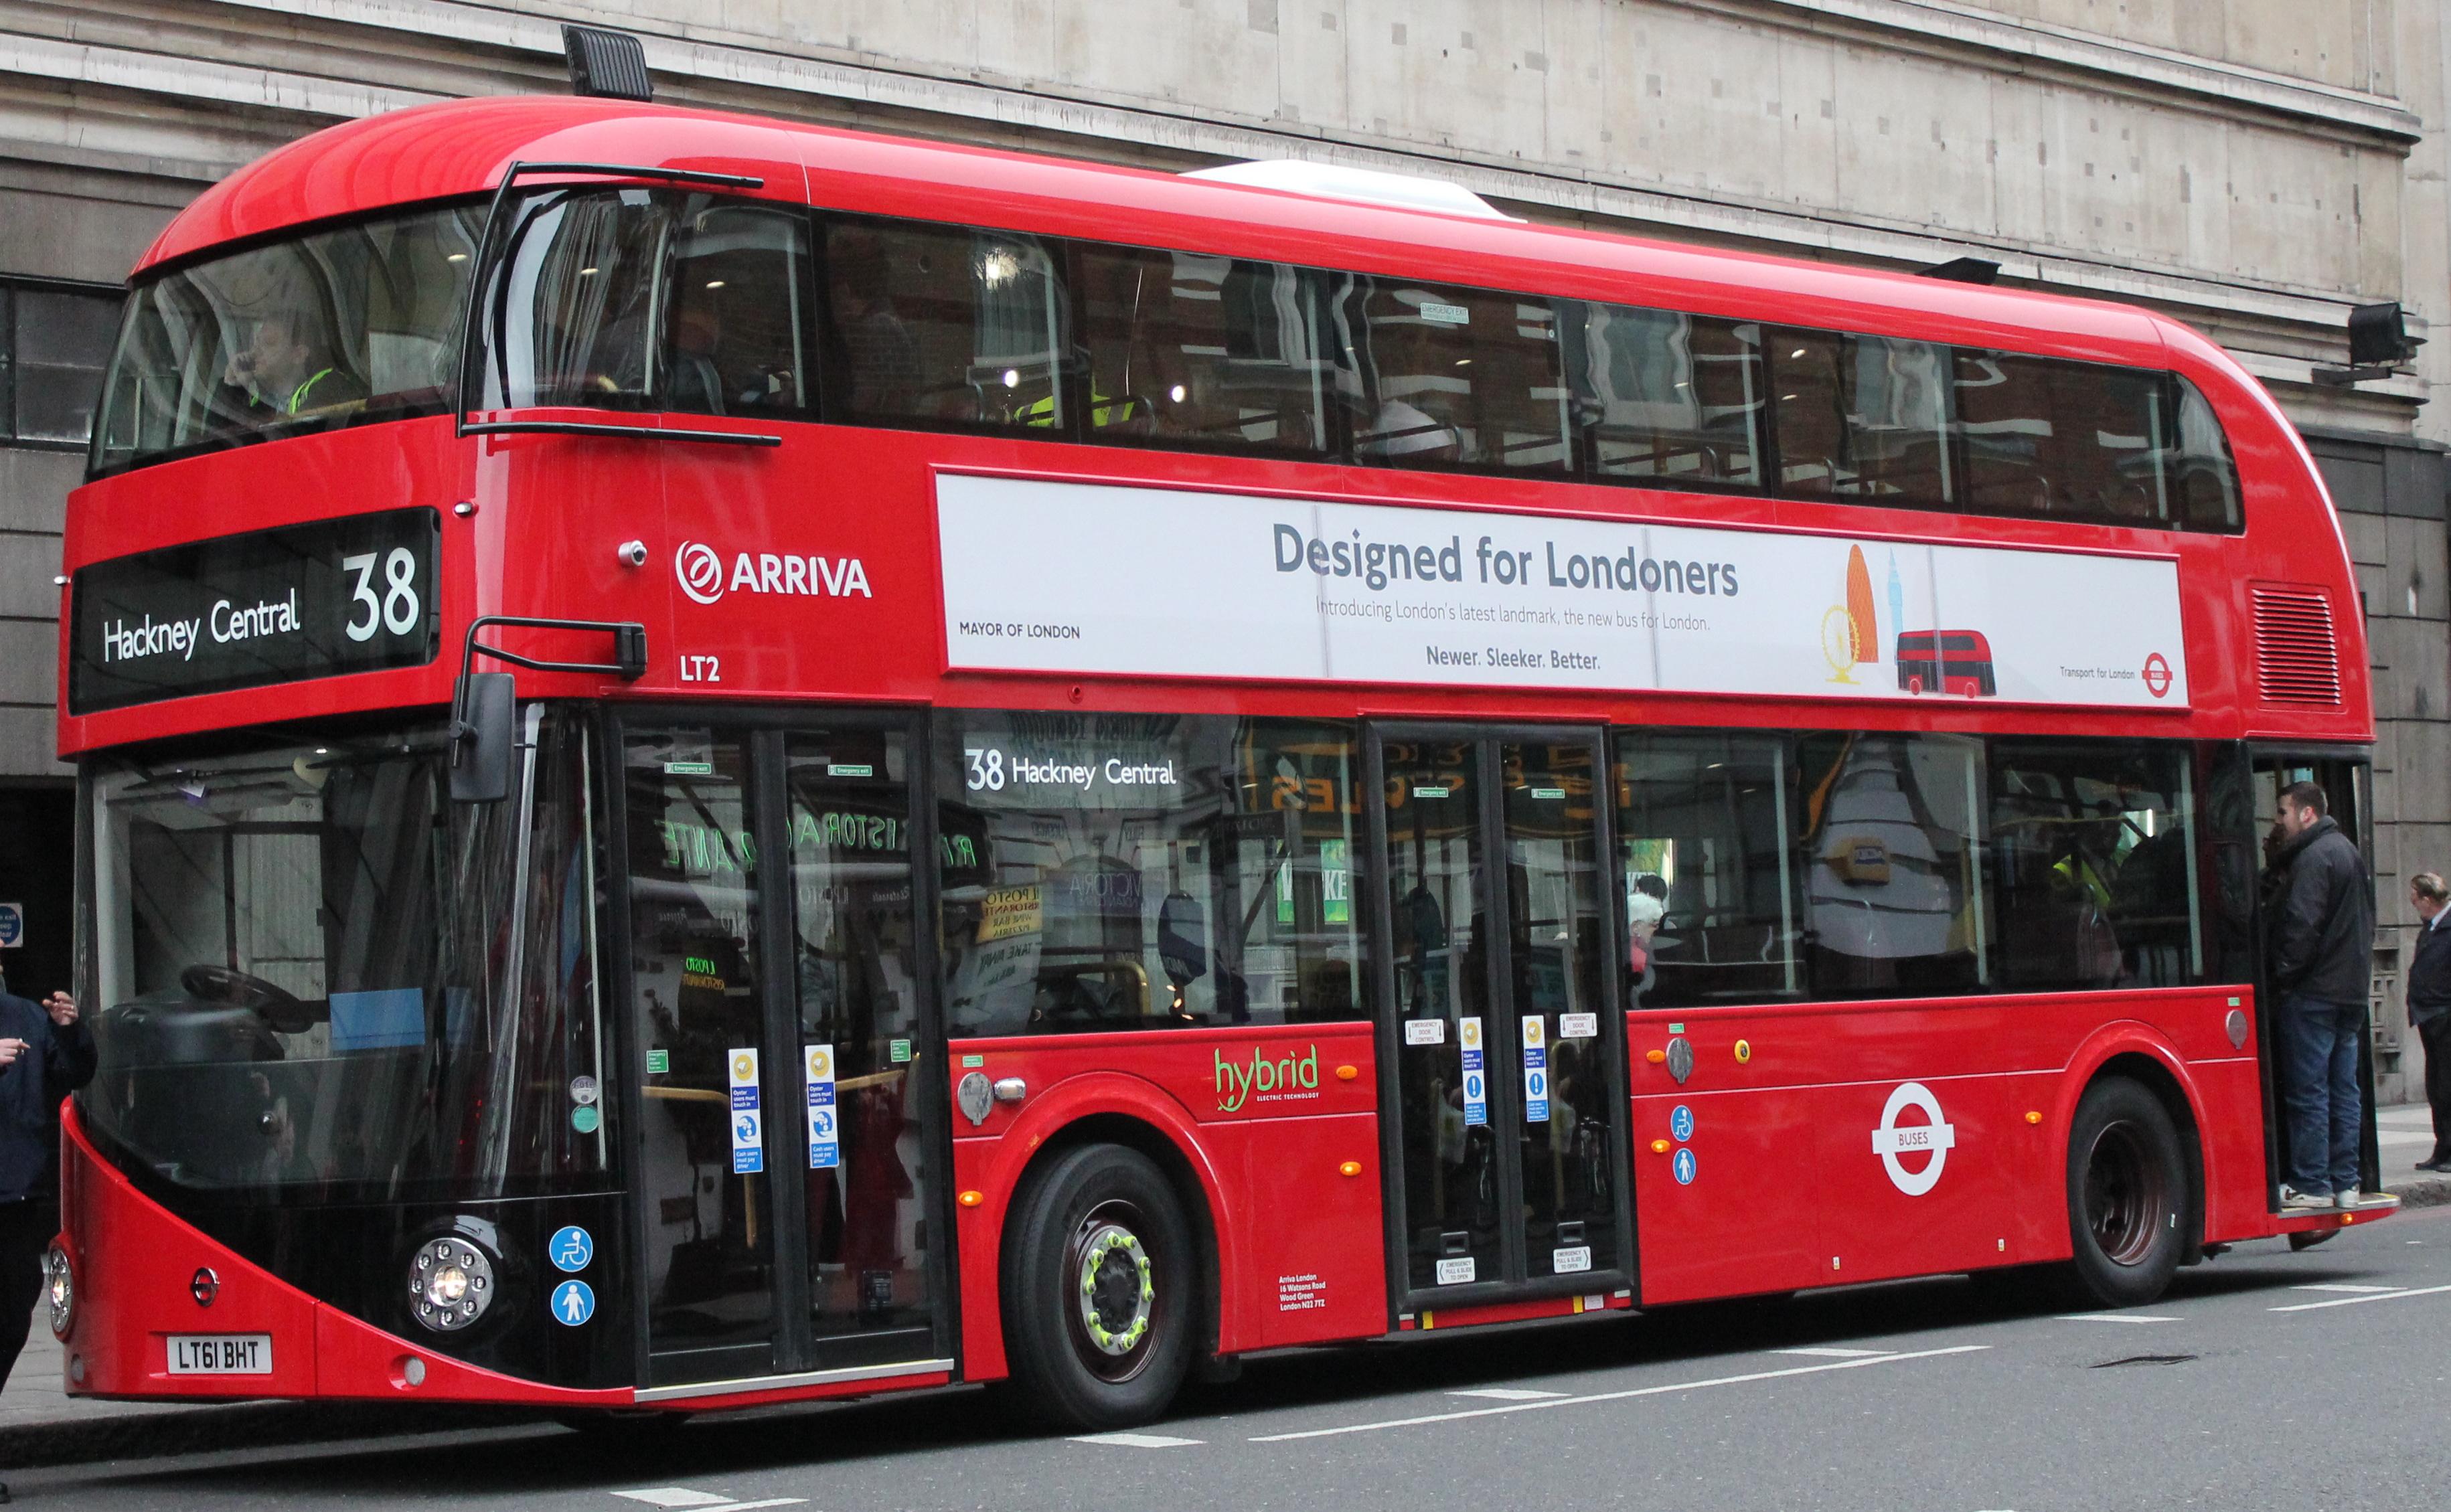 File:Arriva London bus...